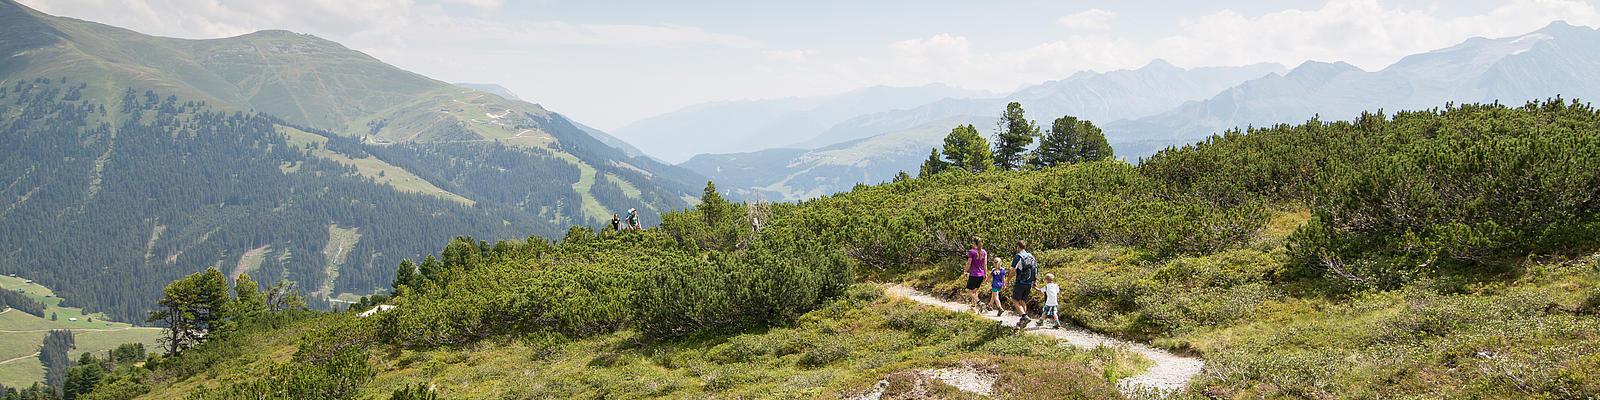 Familienwandern | © Zillertal Arena / Johannes Sautner